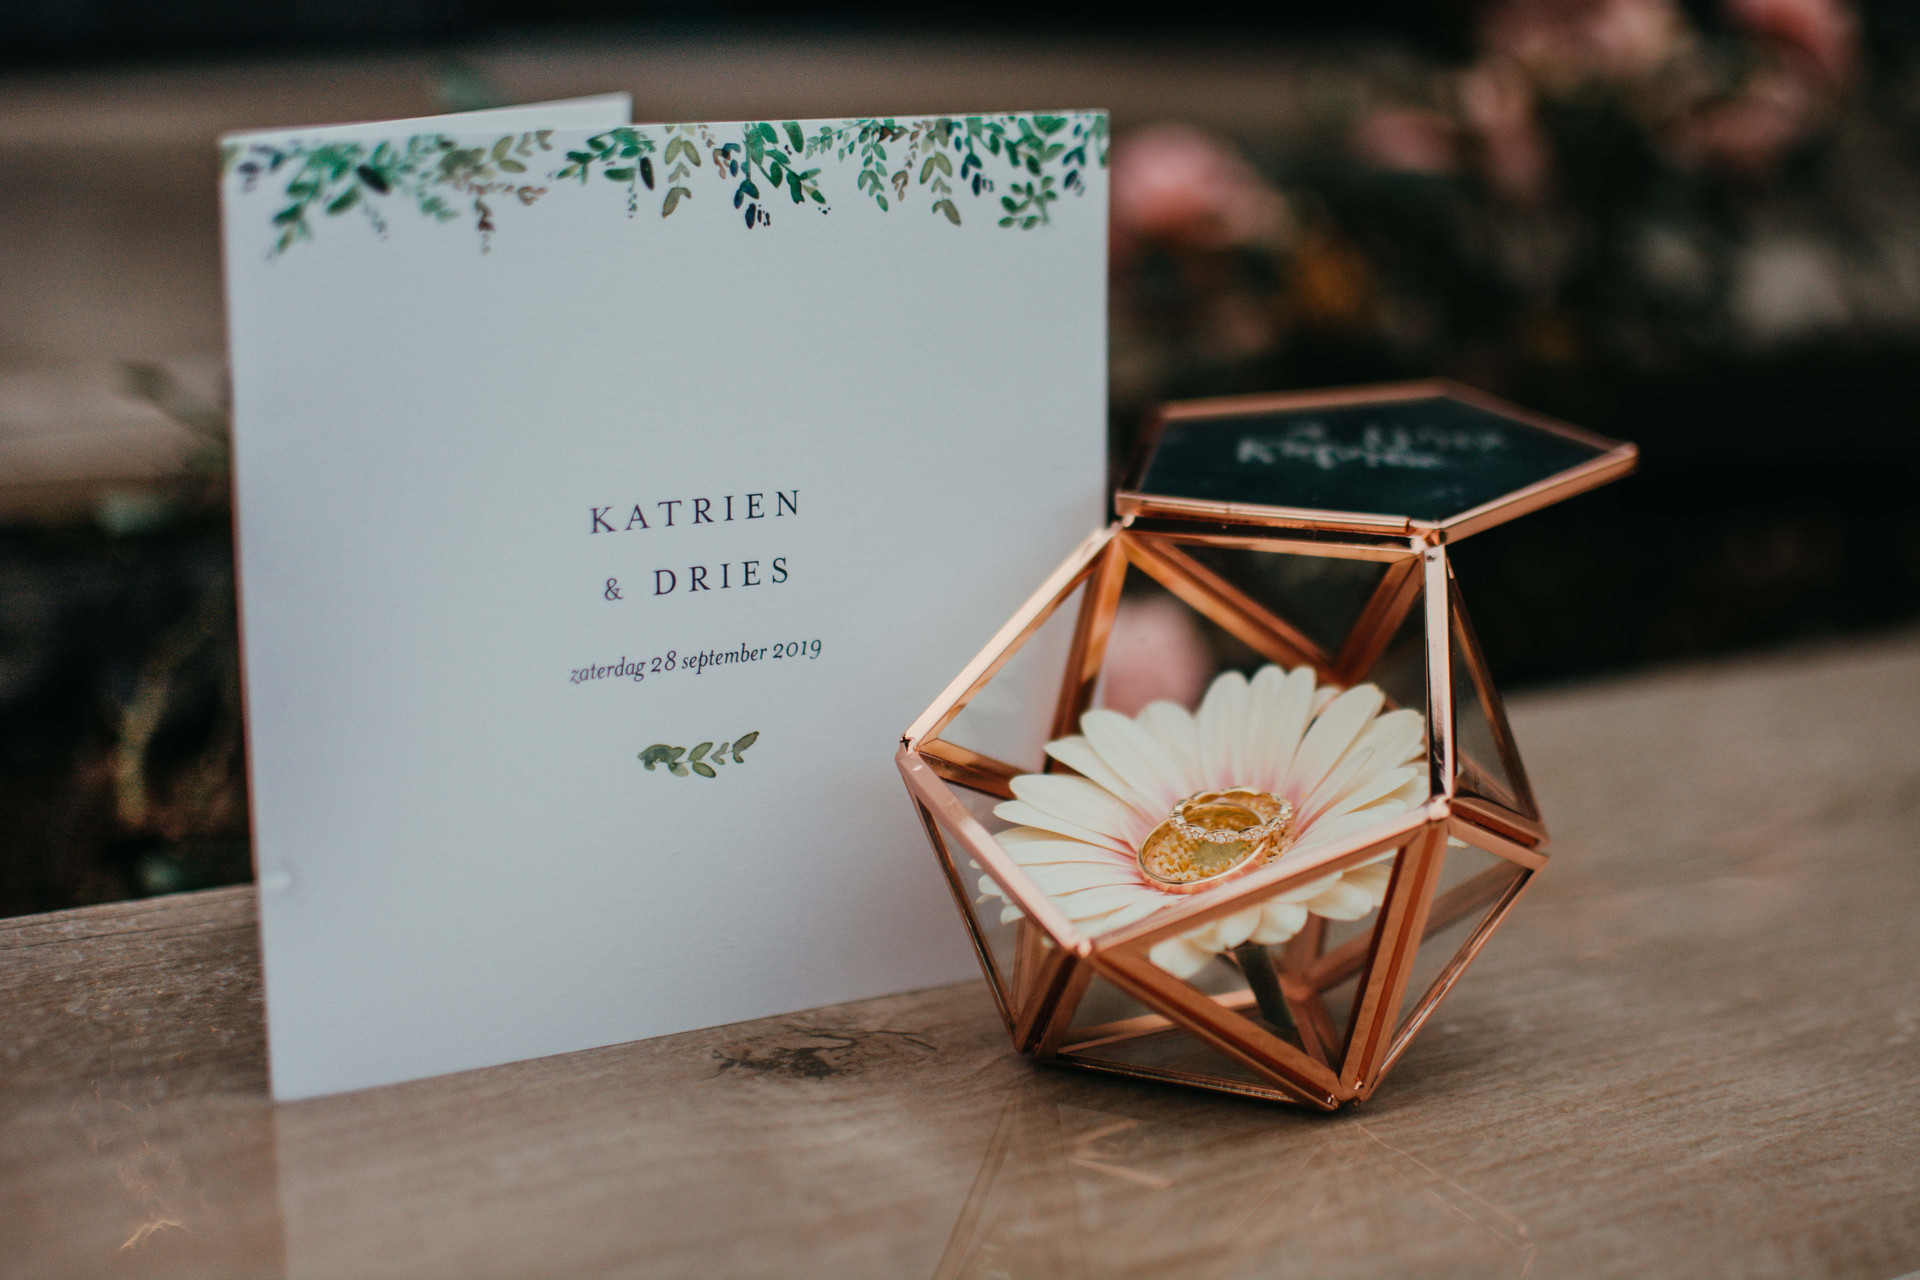 Katrien-Dries-website-2.jpg